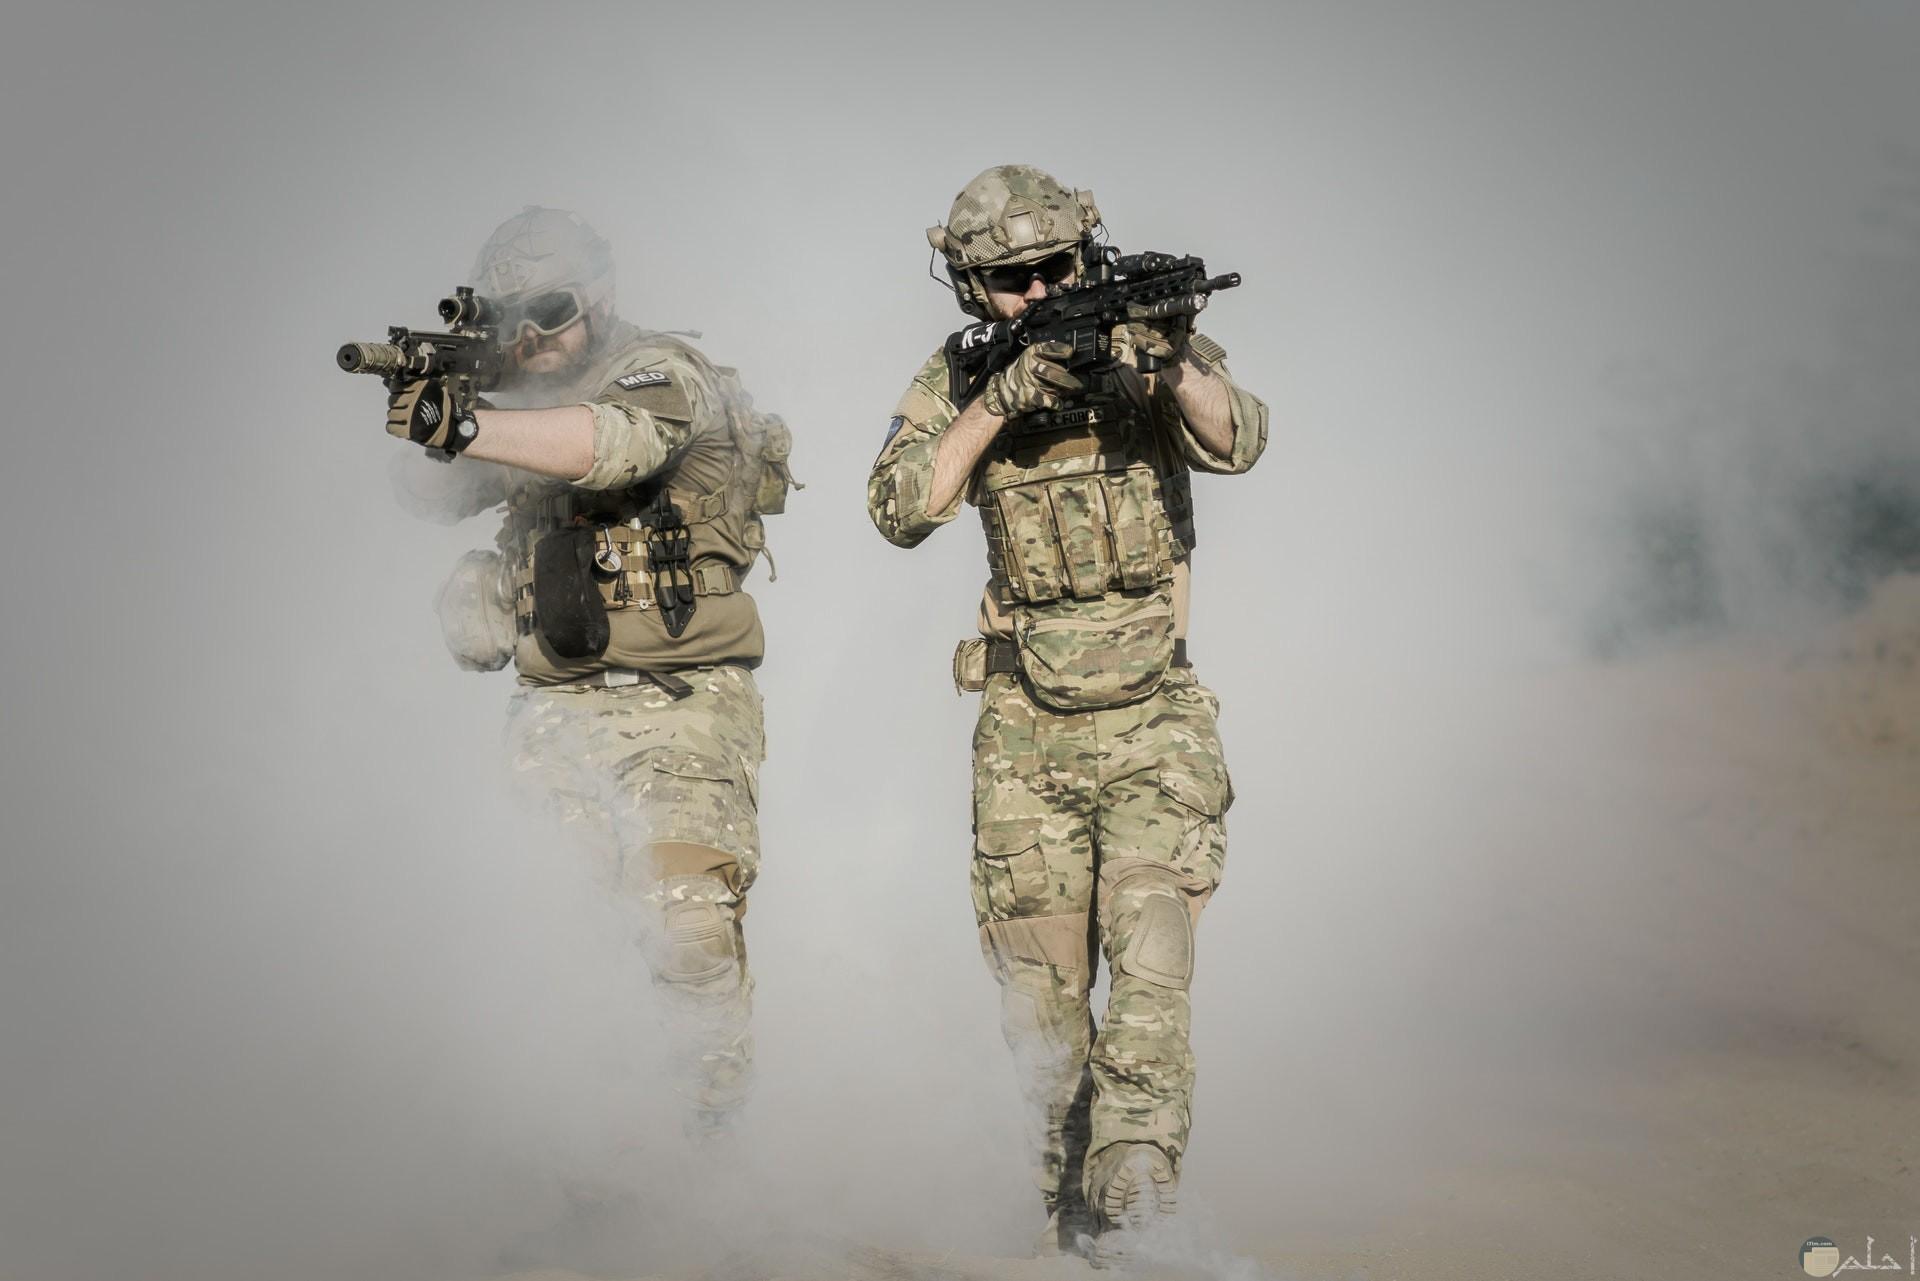 صورة أكشن مميزة لمجندين يحملان سلاح وسط دخان حولهم